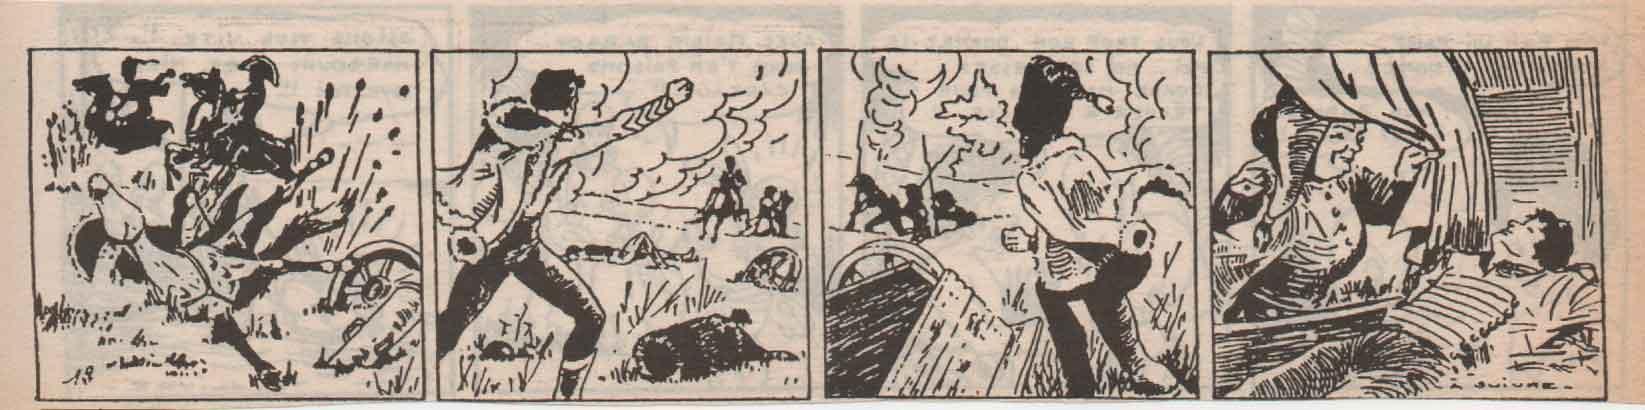 « La Chartreuse de Parme » Libération (1948).